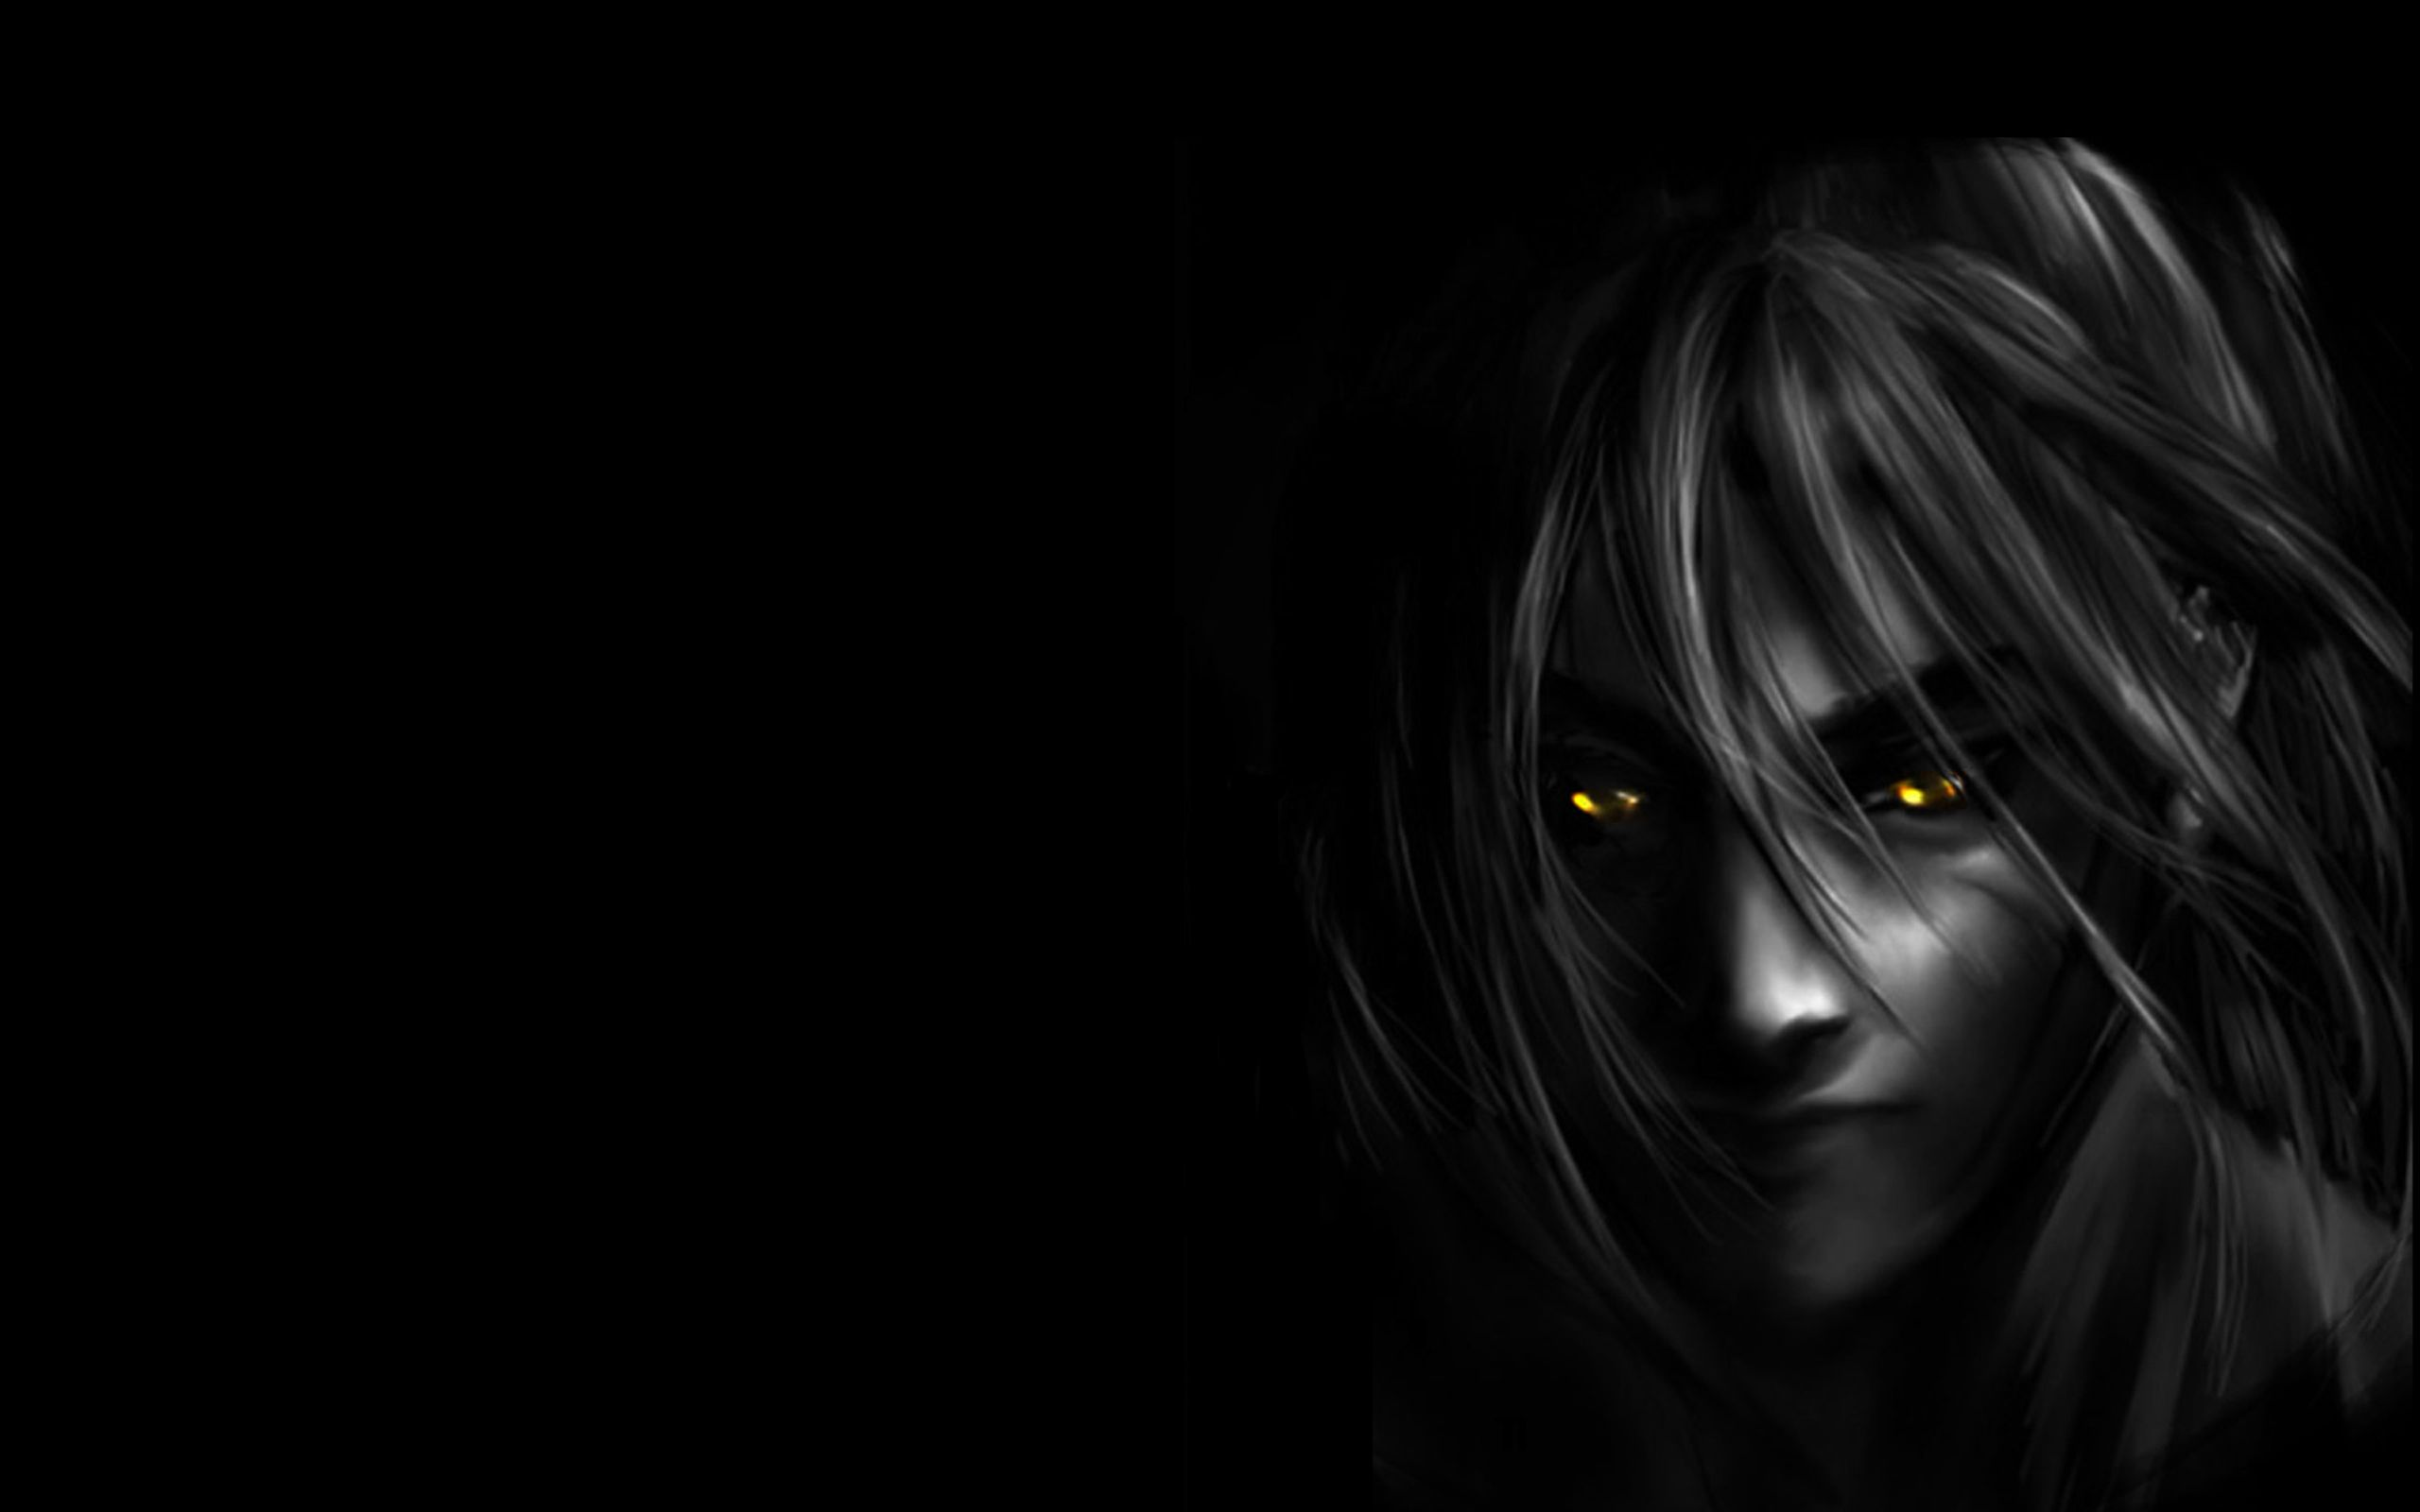 Dark anime wallpaper widescreen hd widescreen 11 hd - Wallpaper dark anime ...